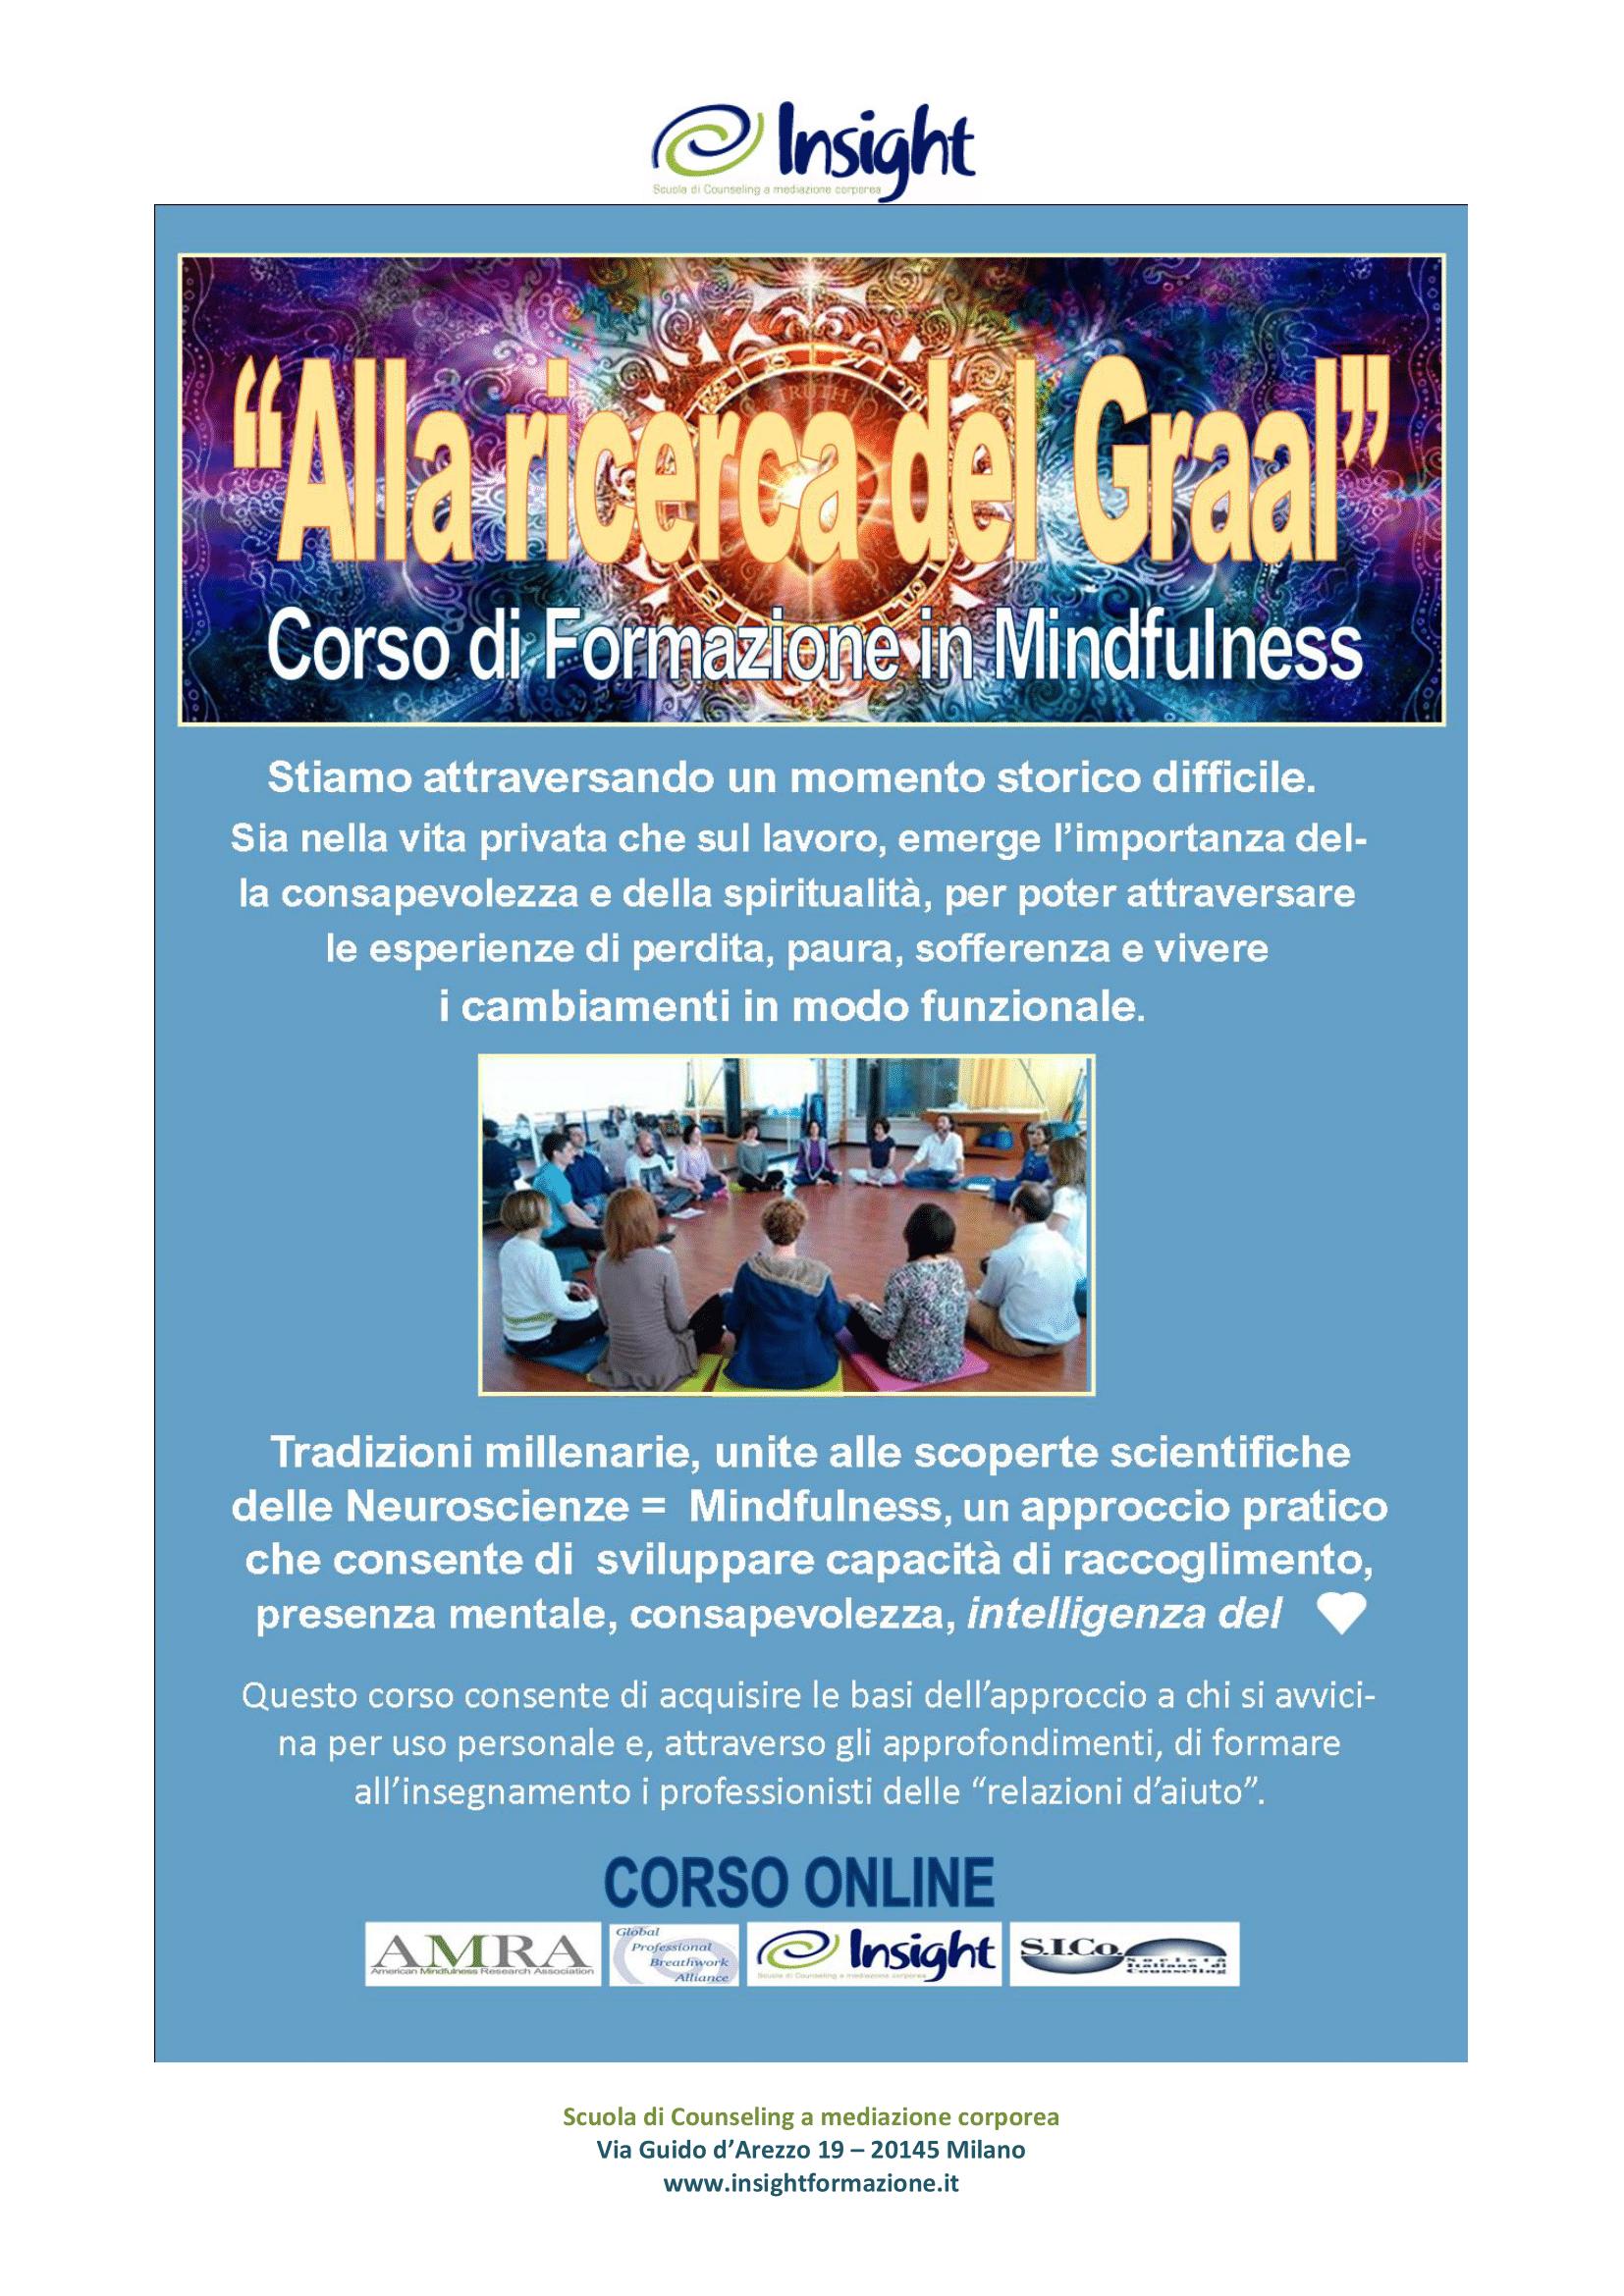 """Dal 15 maggio 2021 """"Alla ricerca del Graal"""" Corso di Formazione in Mindfulness online – Insight Scuola di Counseling a Mediazione Corporea"""